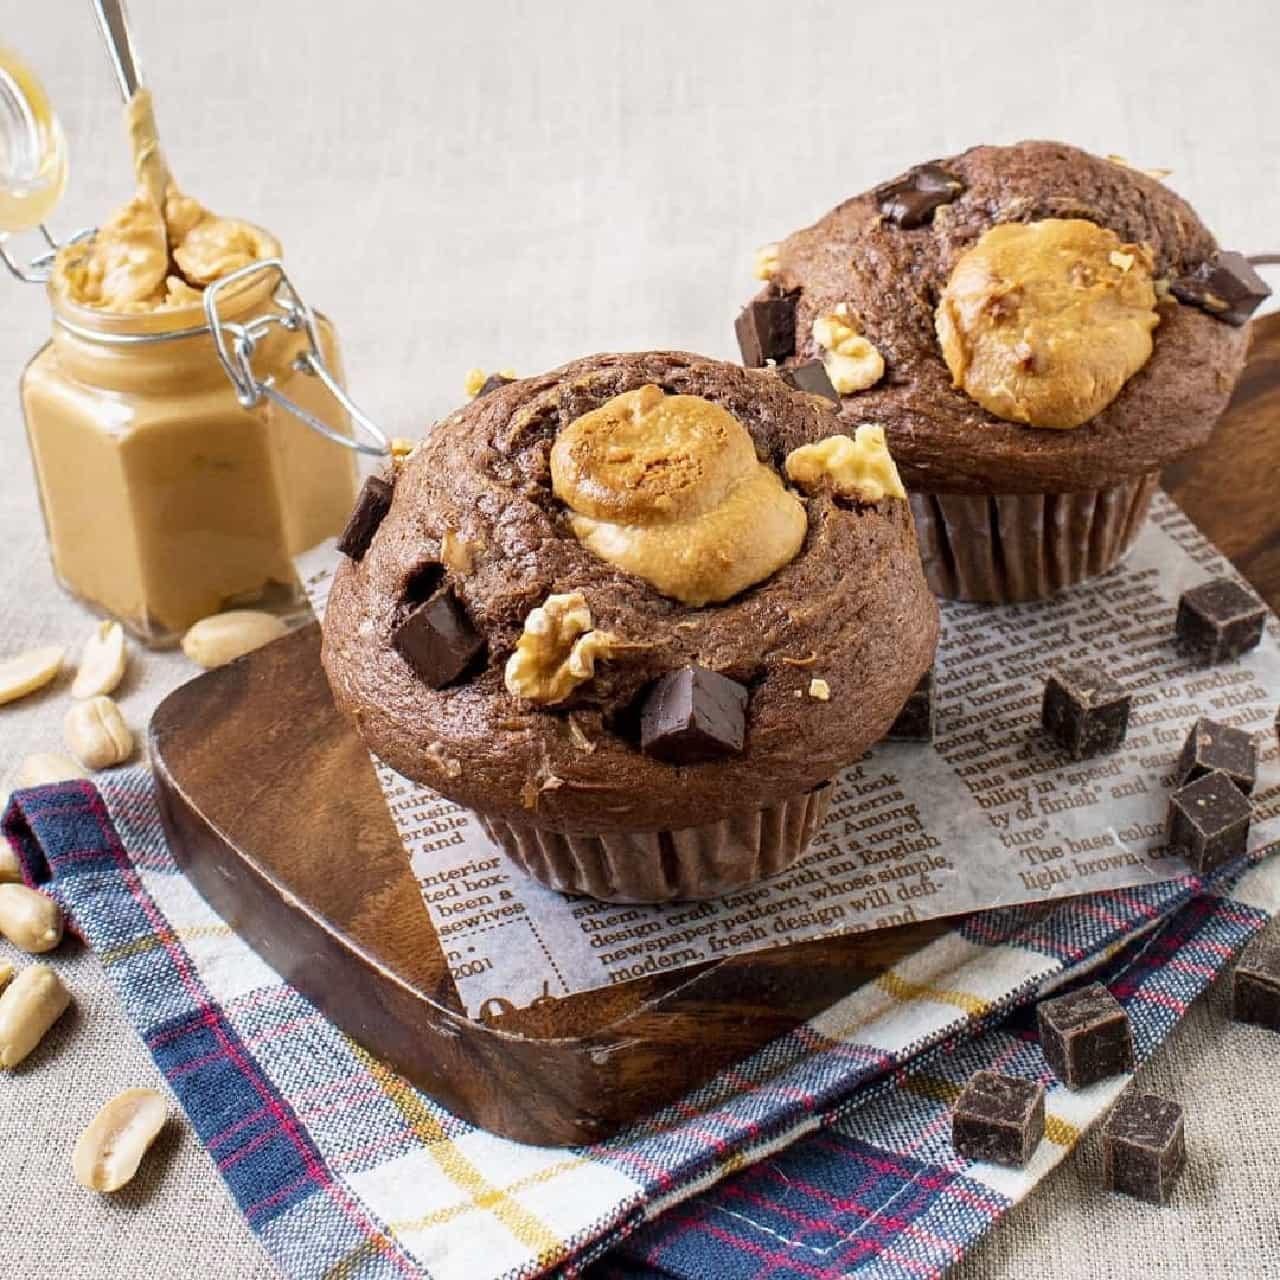 ベーグル&ベーグル「ピーナッツバター&チャンクチョコレートマフィン」